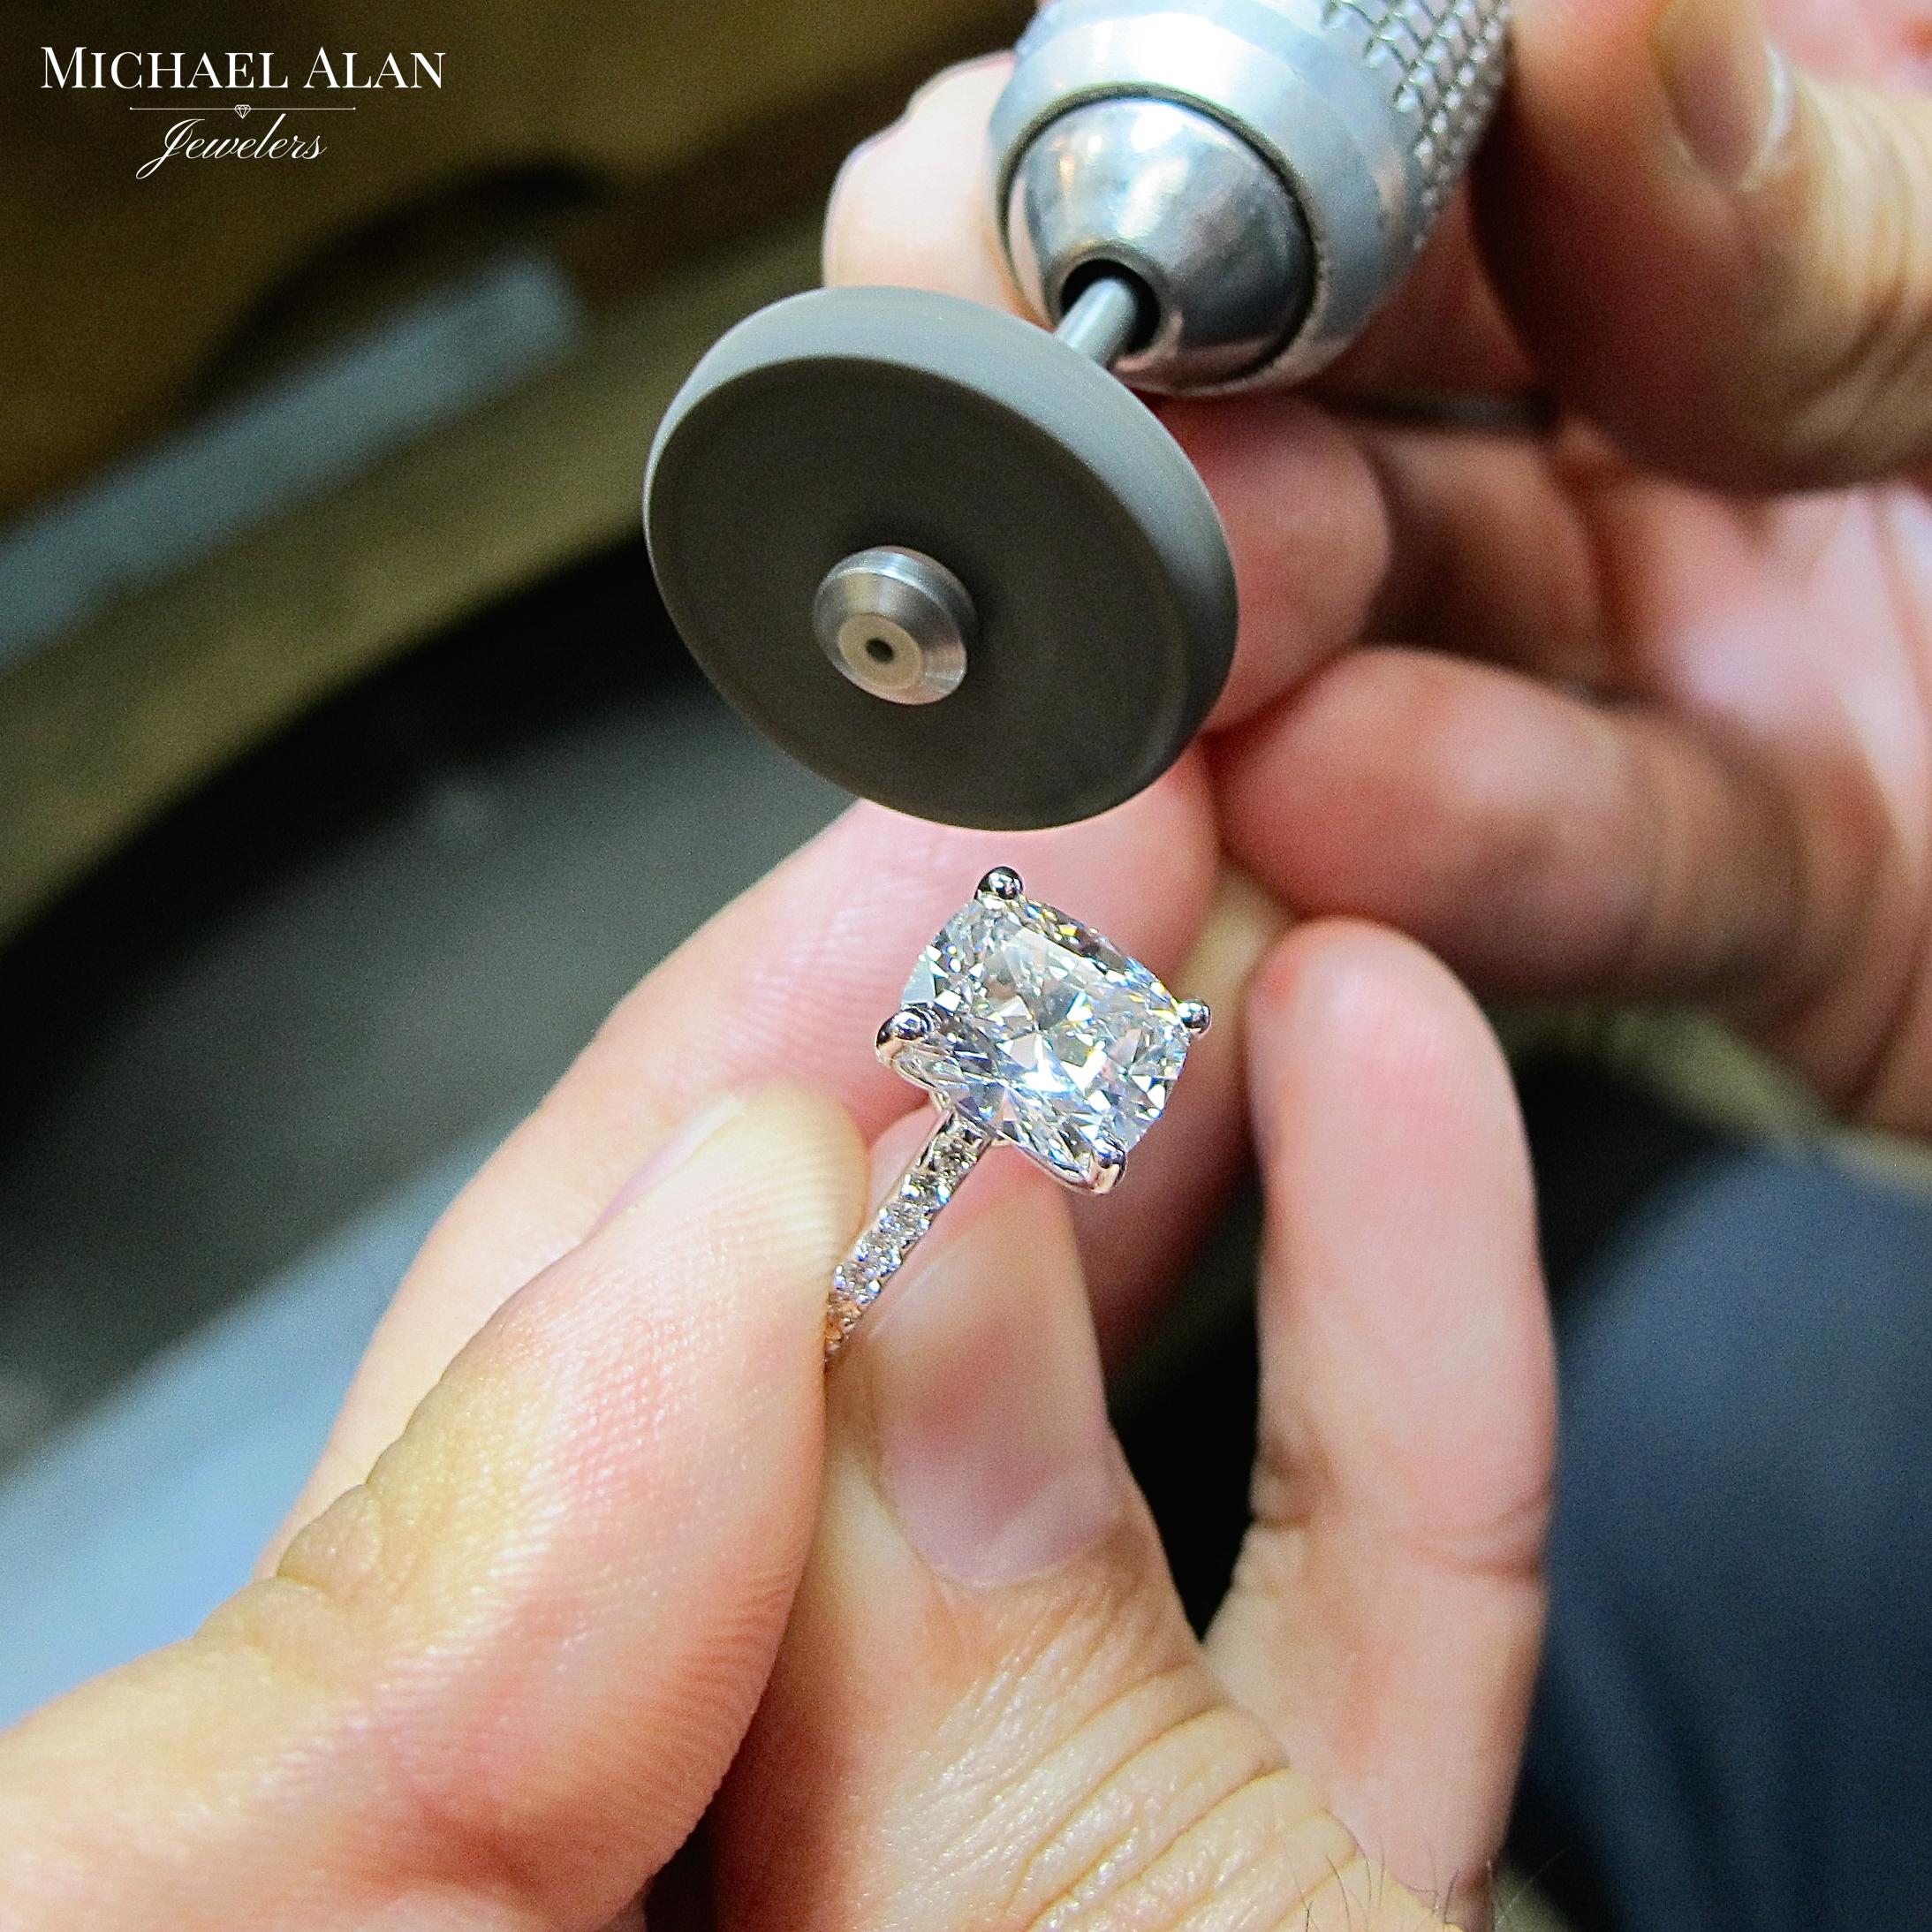 Michael Alan Jewelers Repair.jpg